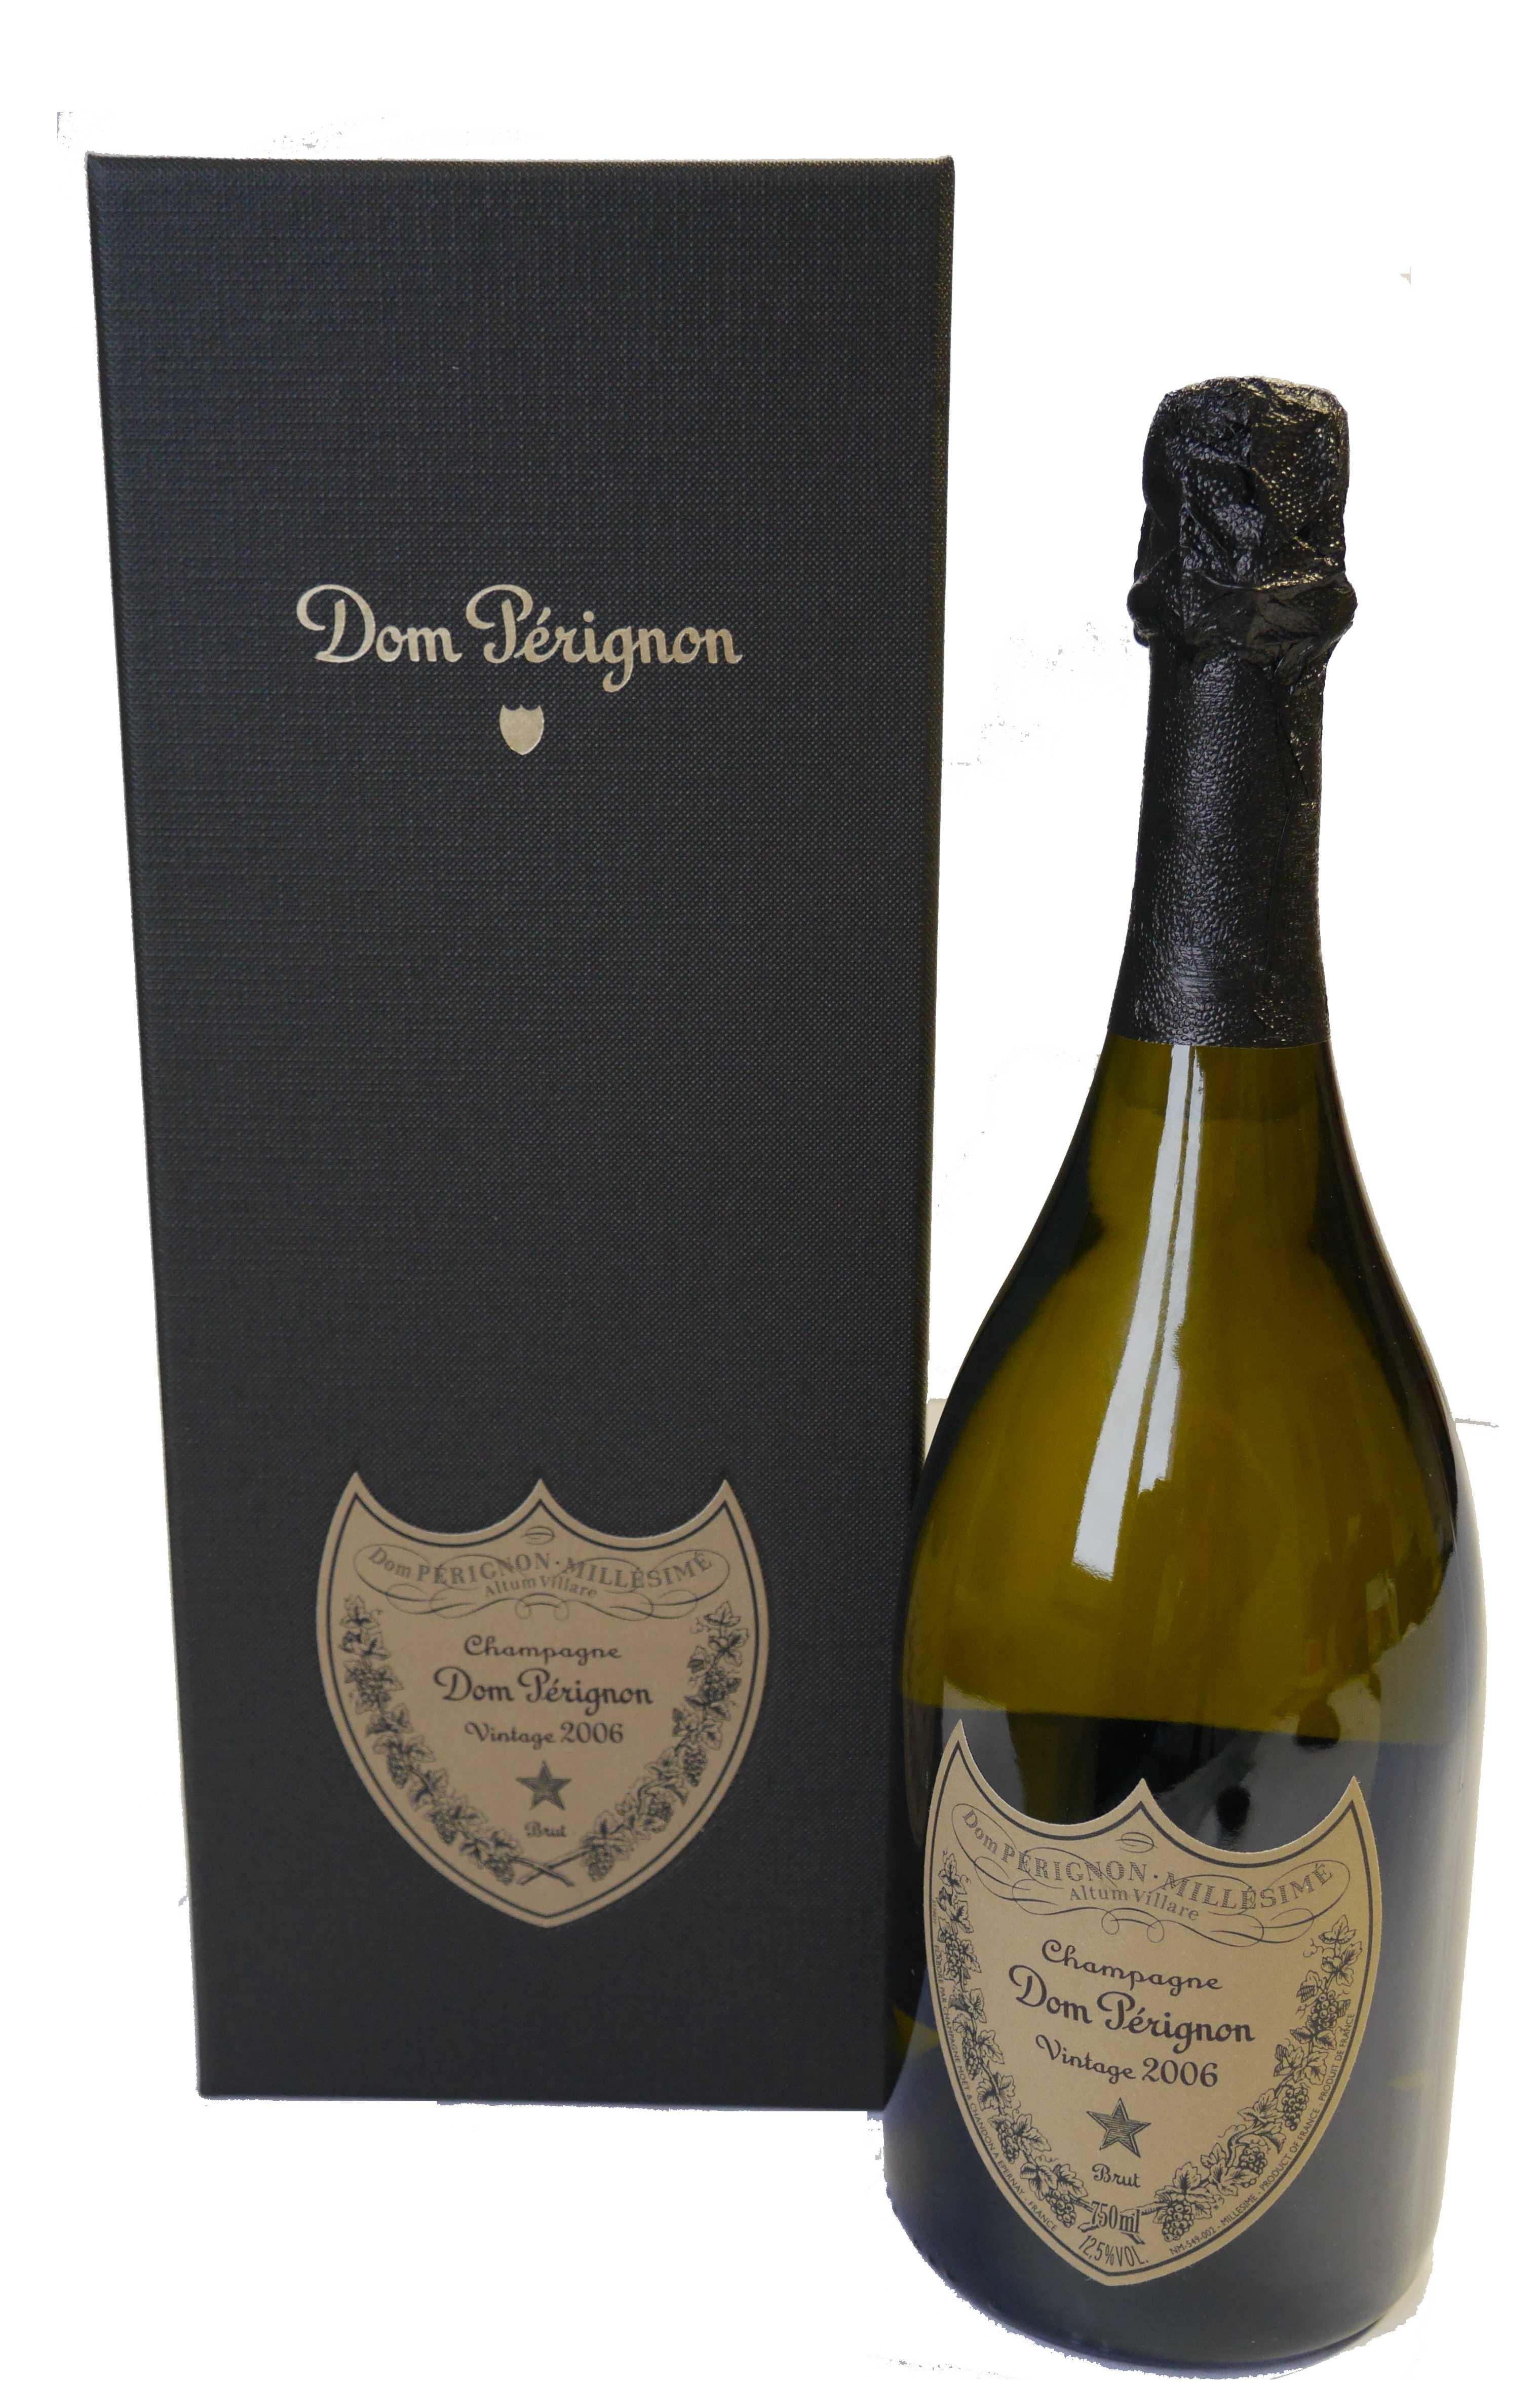 champagner dom perignon vintage 2006 imperial travel retail shop. Black Bedroom Furniture Sets. Home Design Ideas